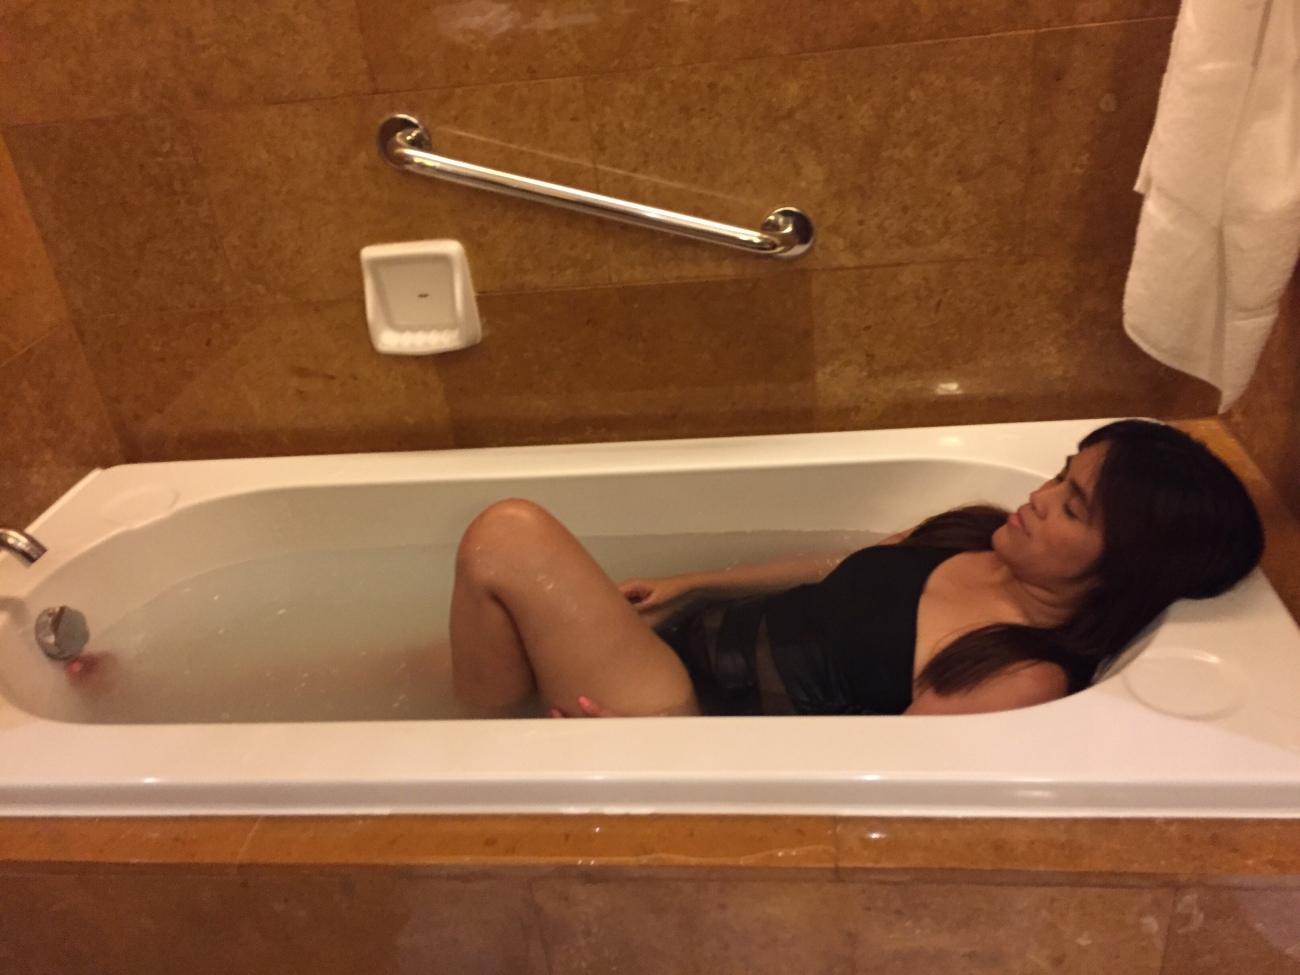 Hot tub bath Shangri-La